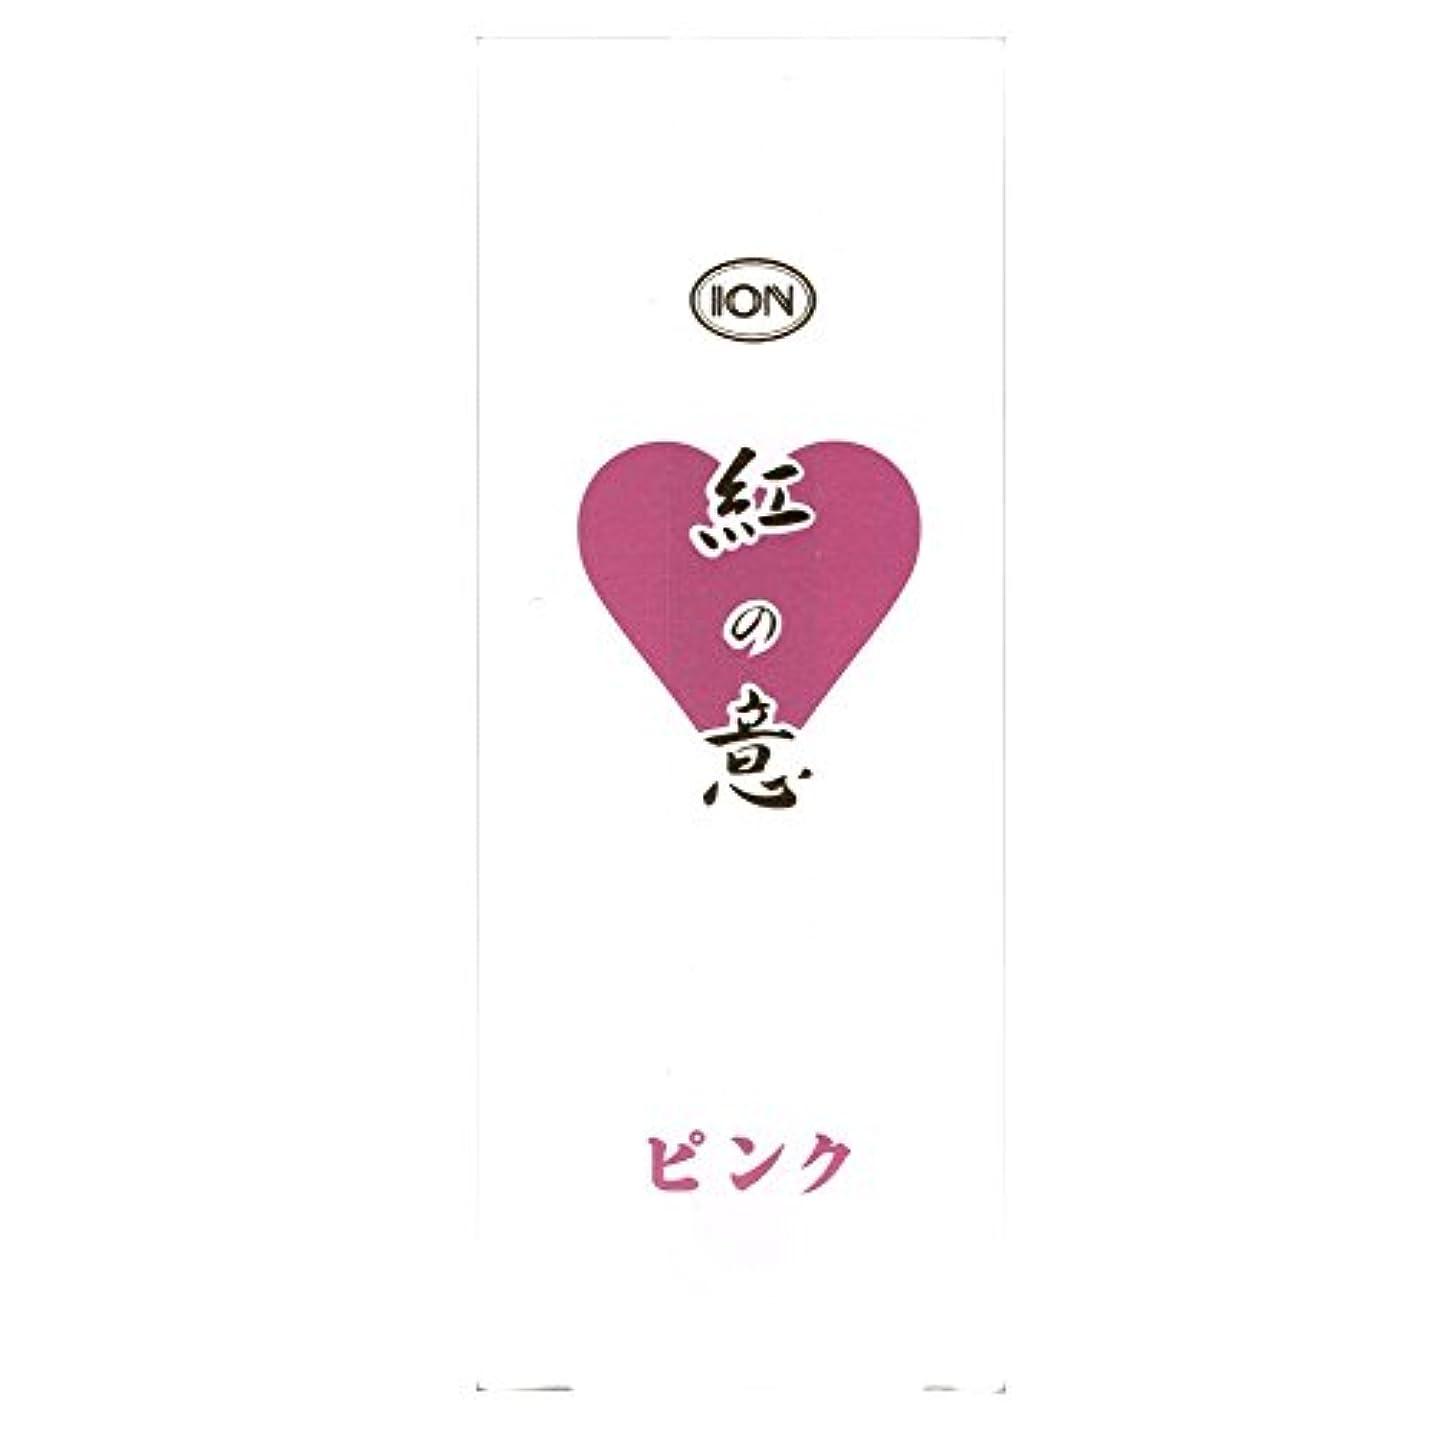 狂う腰合金イオン化粧品 イオンカラークリーム (ピンク)